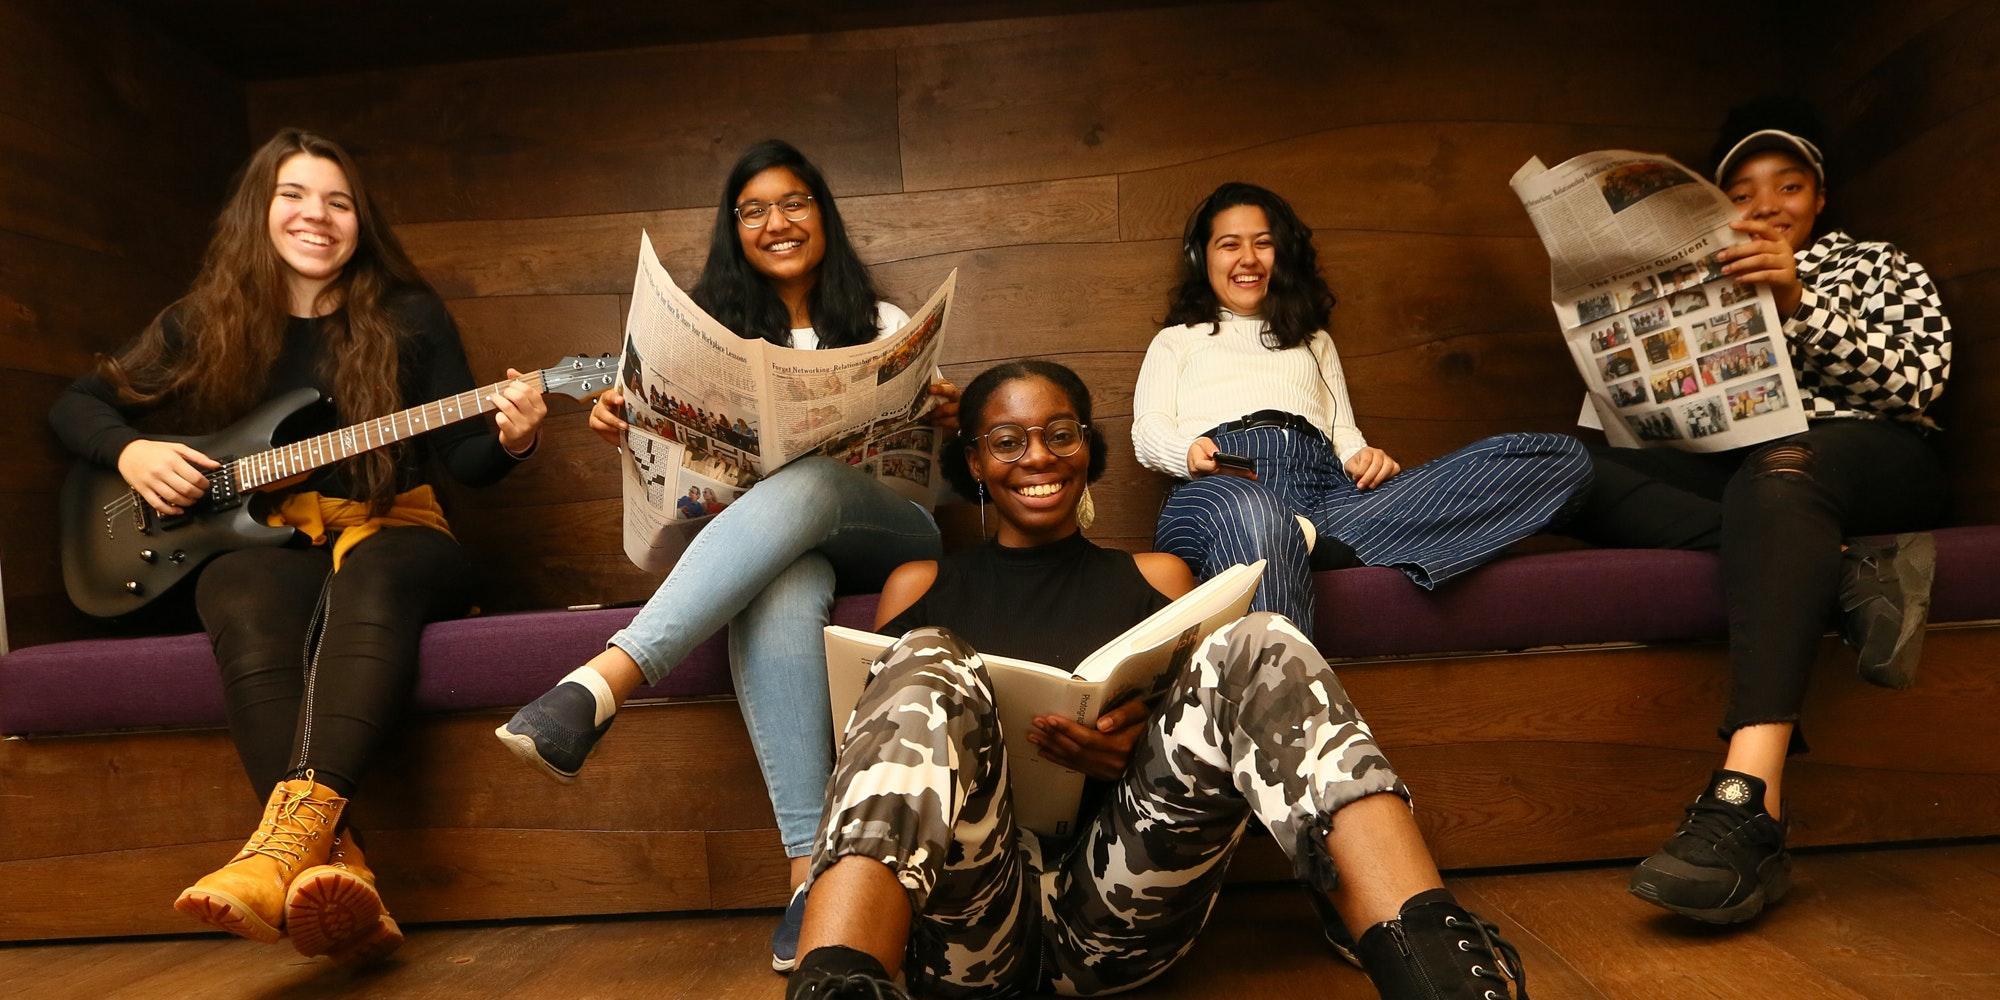 5 名不同种族女孩的合影,坐在前排的女孩拿着书,坐在后面沙发上的女孩拿着吉他和报纸